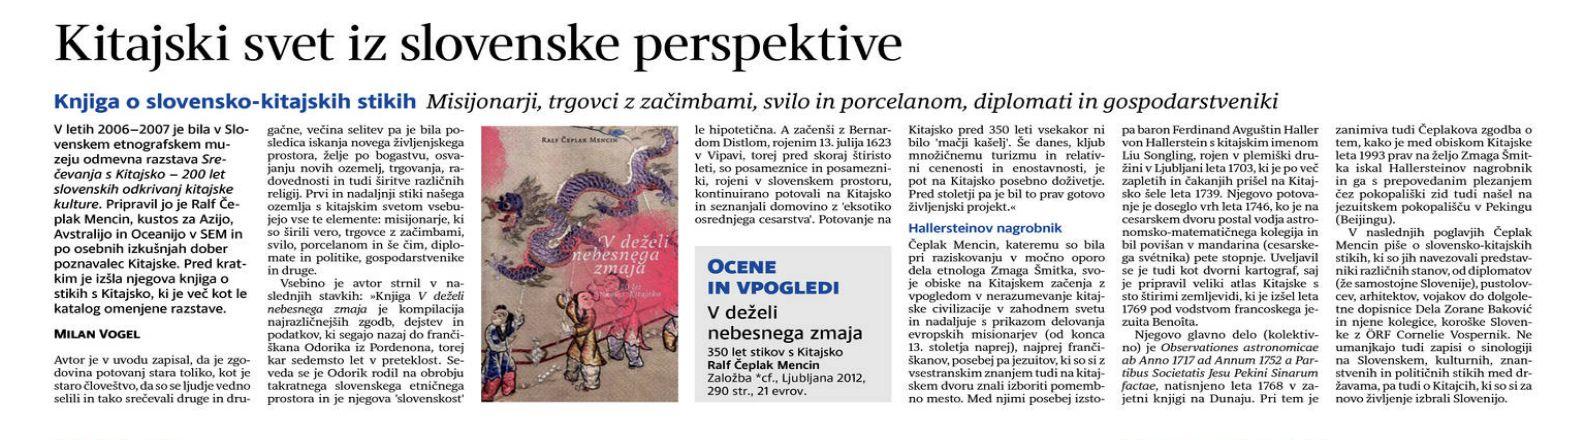 Milan Vogel: Kitajski svet iz slovenske perspektive (Delo, 30. 4. 2013)